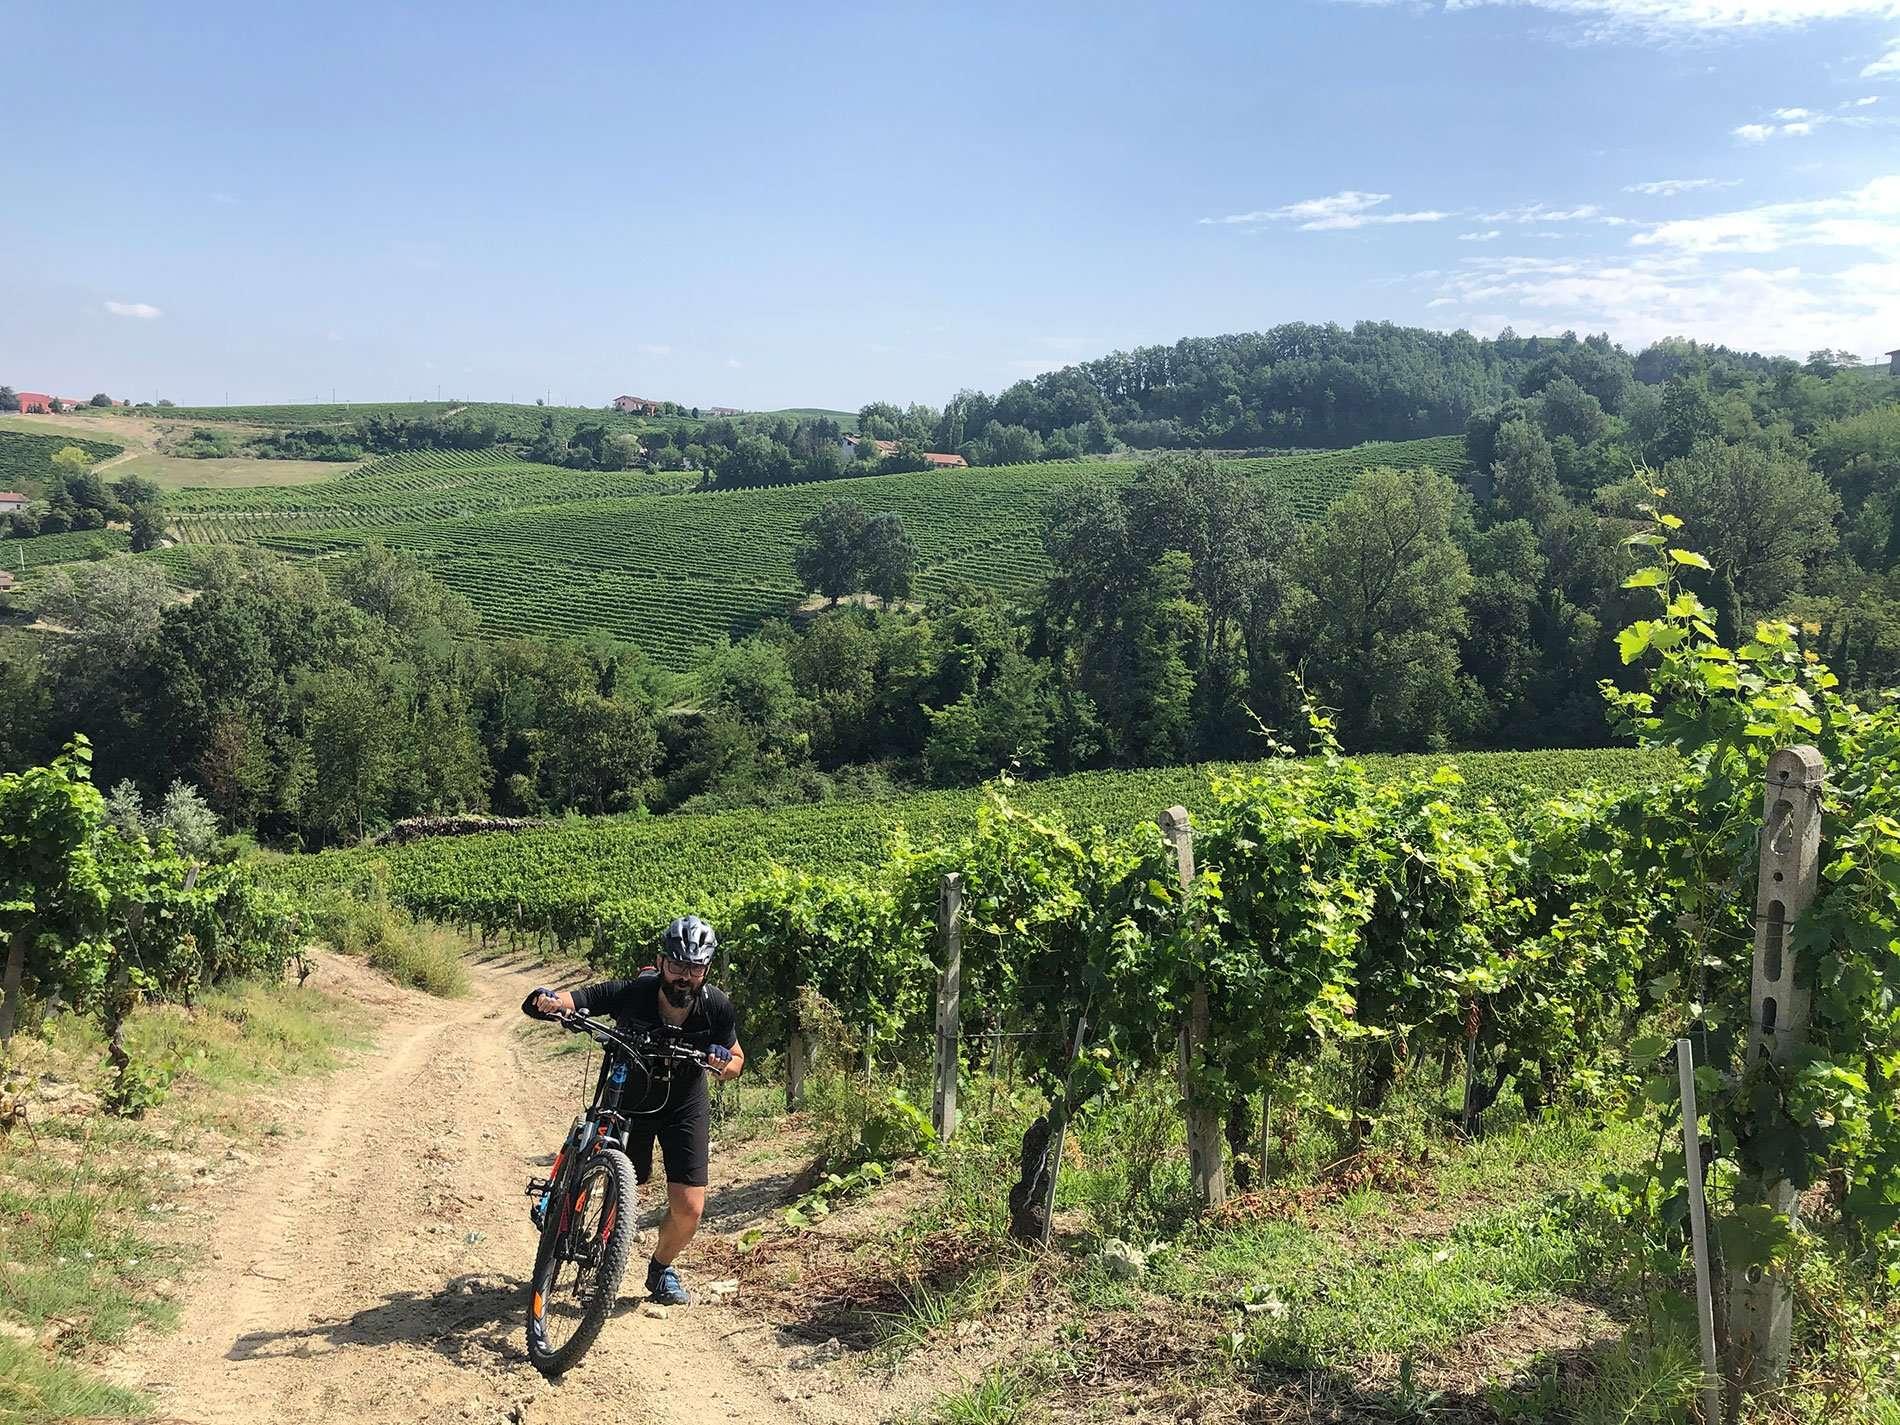 Progettazione itinerari escursionistici e cicloturistici